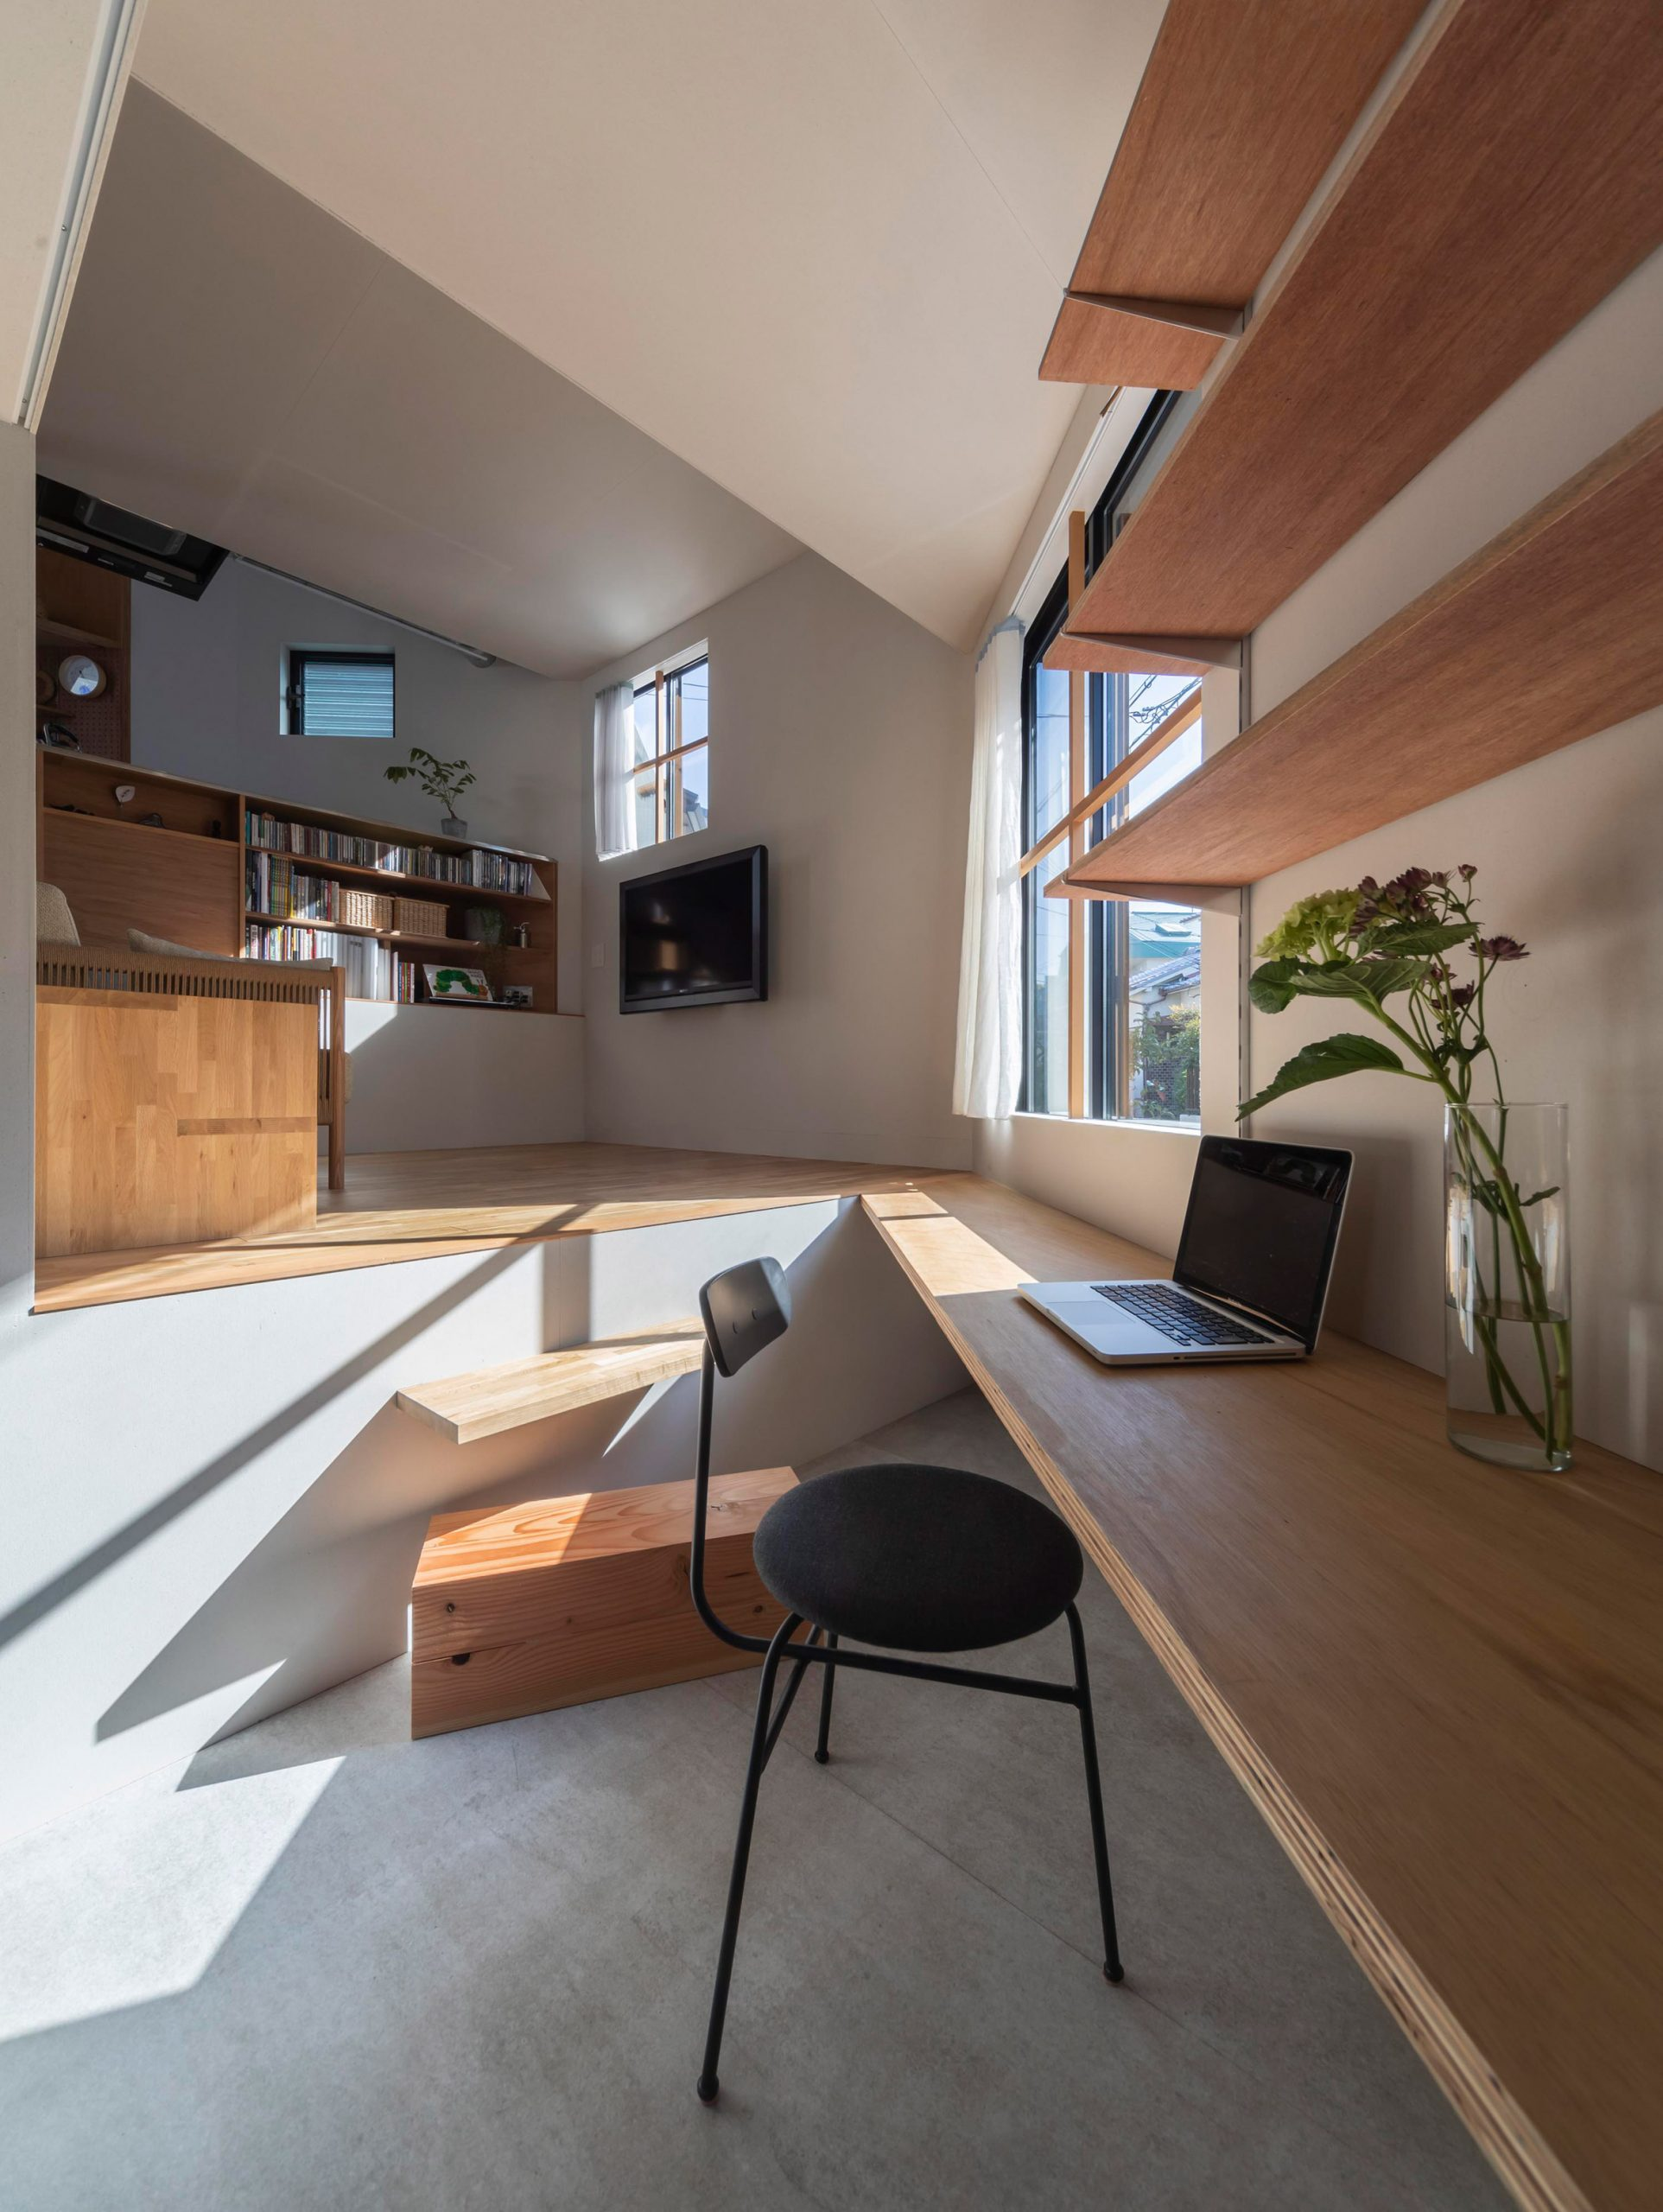 Thiết kế nội thất căn hộ nhỏ 2